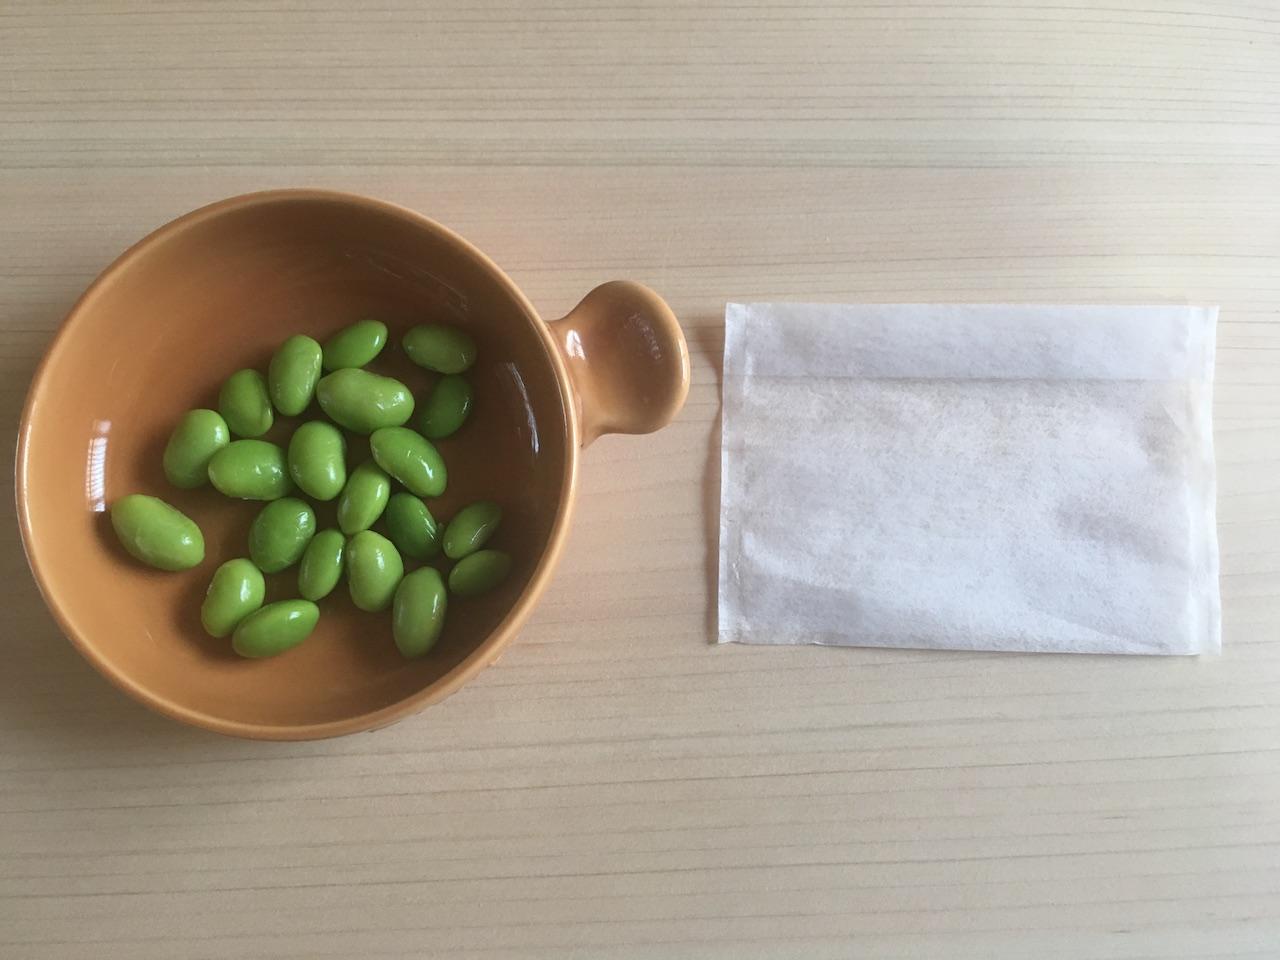 お茶パックと枝豆